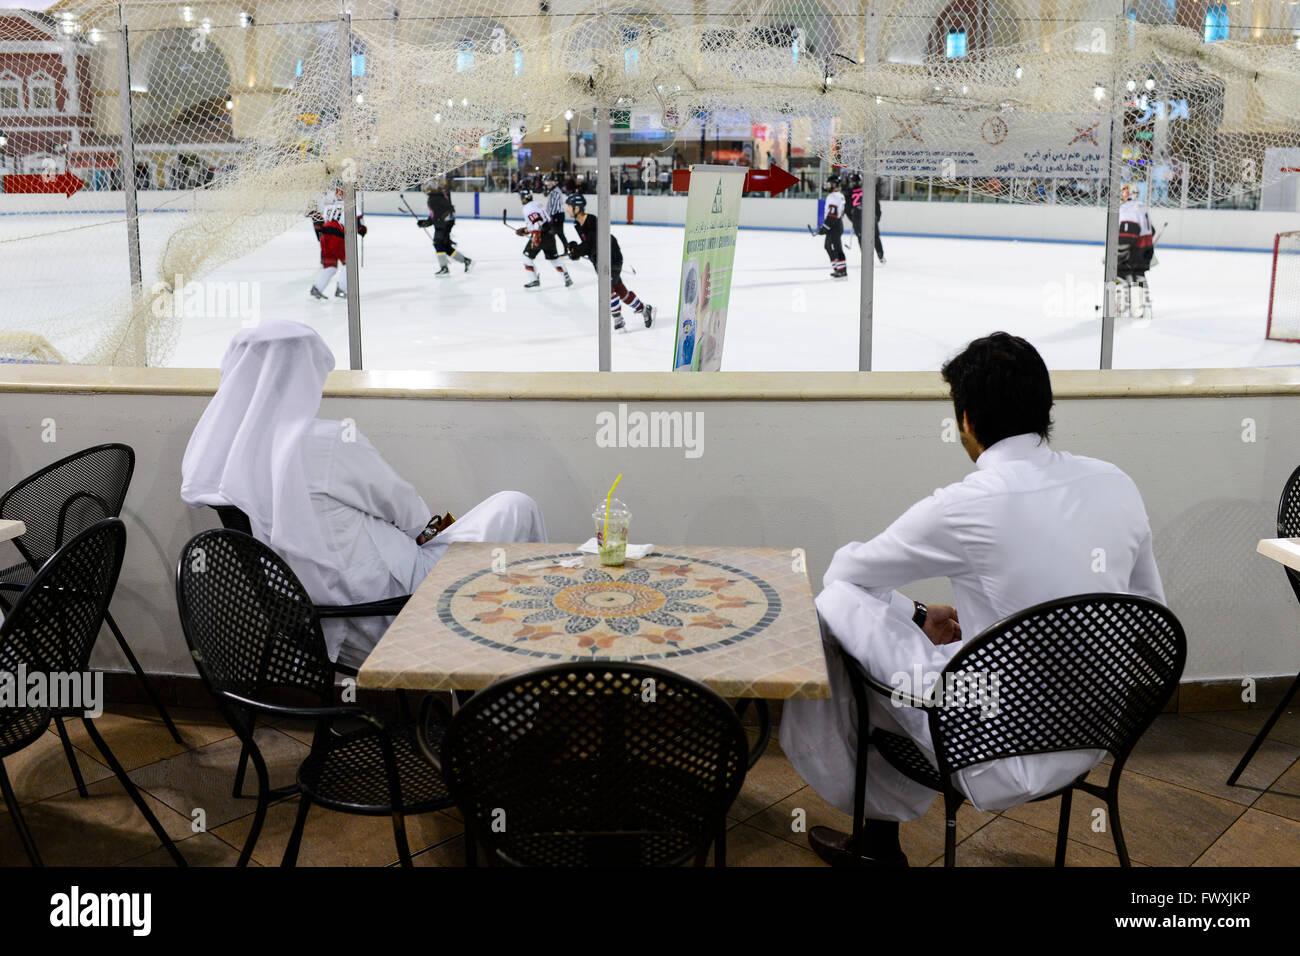 QATAR, Doha, Aspire Zone, Villaggio Mall shopping mall con el patinaje sobre hielo, tierra, jeques observando el Imagen De Stock